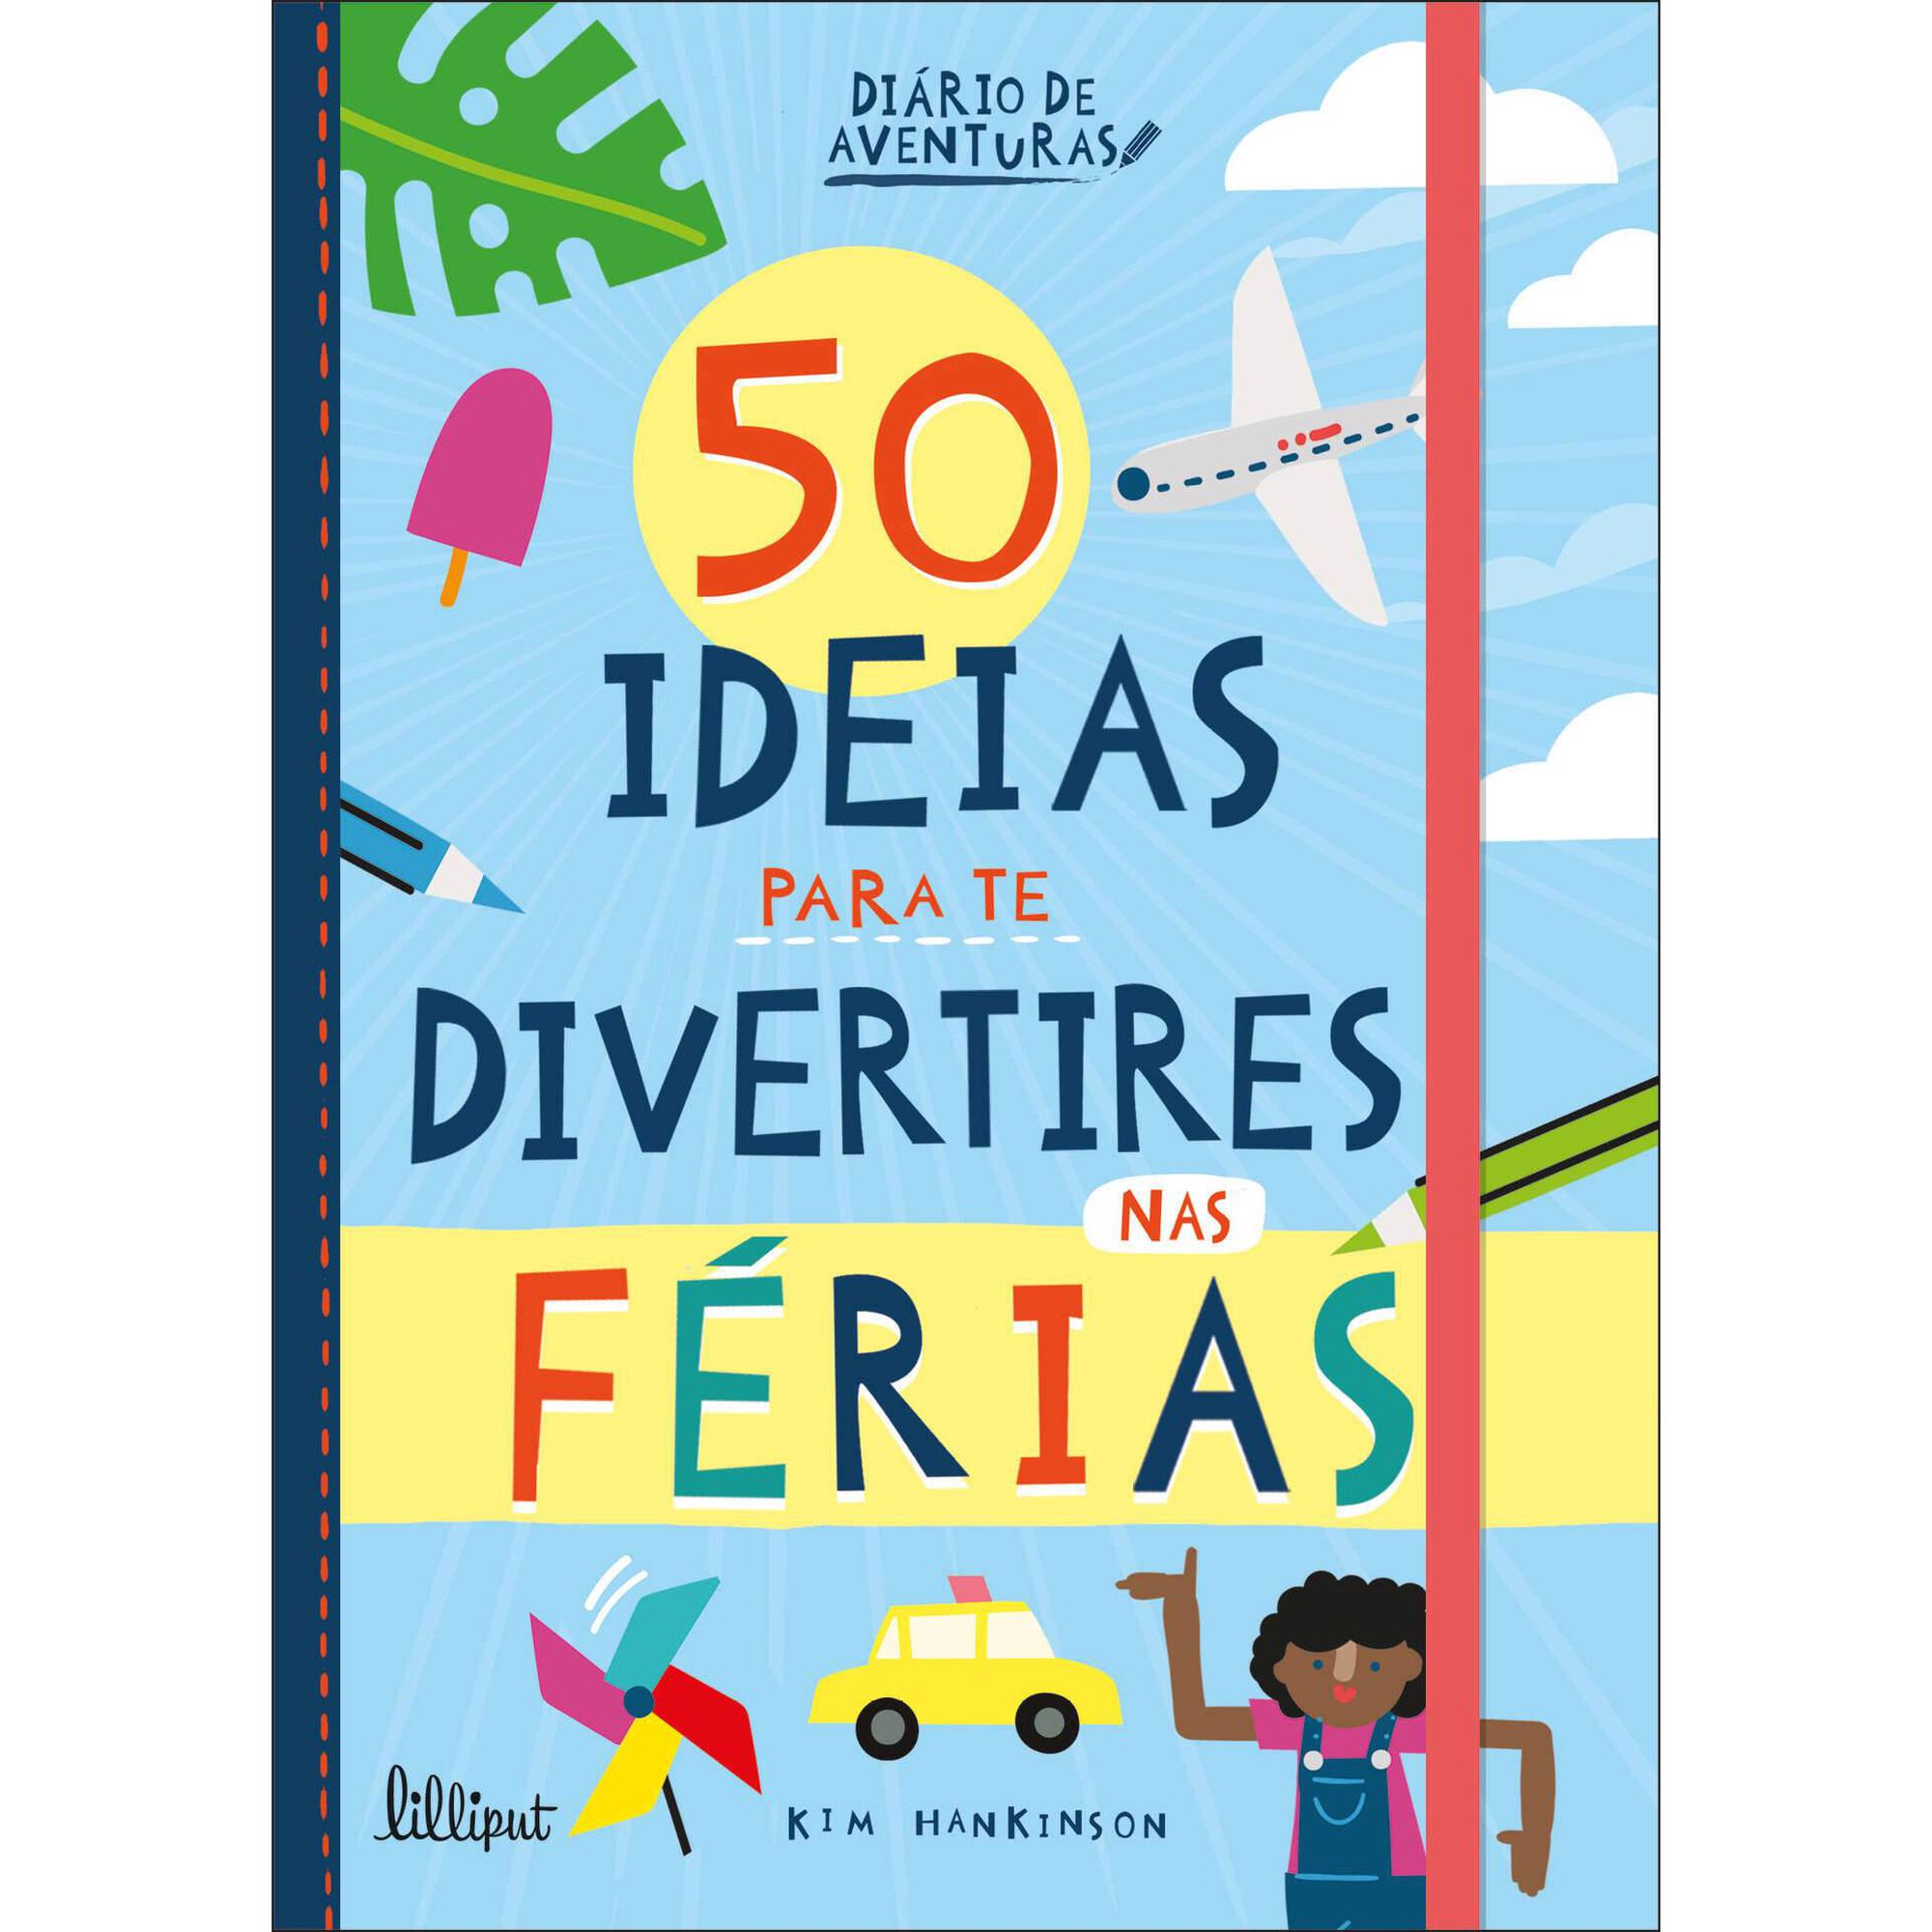 50 Ideias Para te Divertires nas Férias